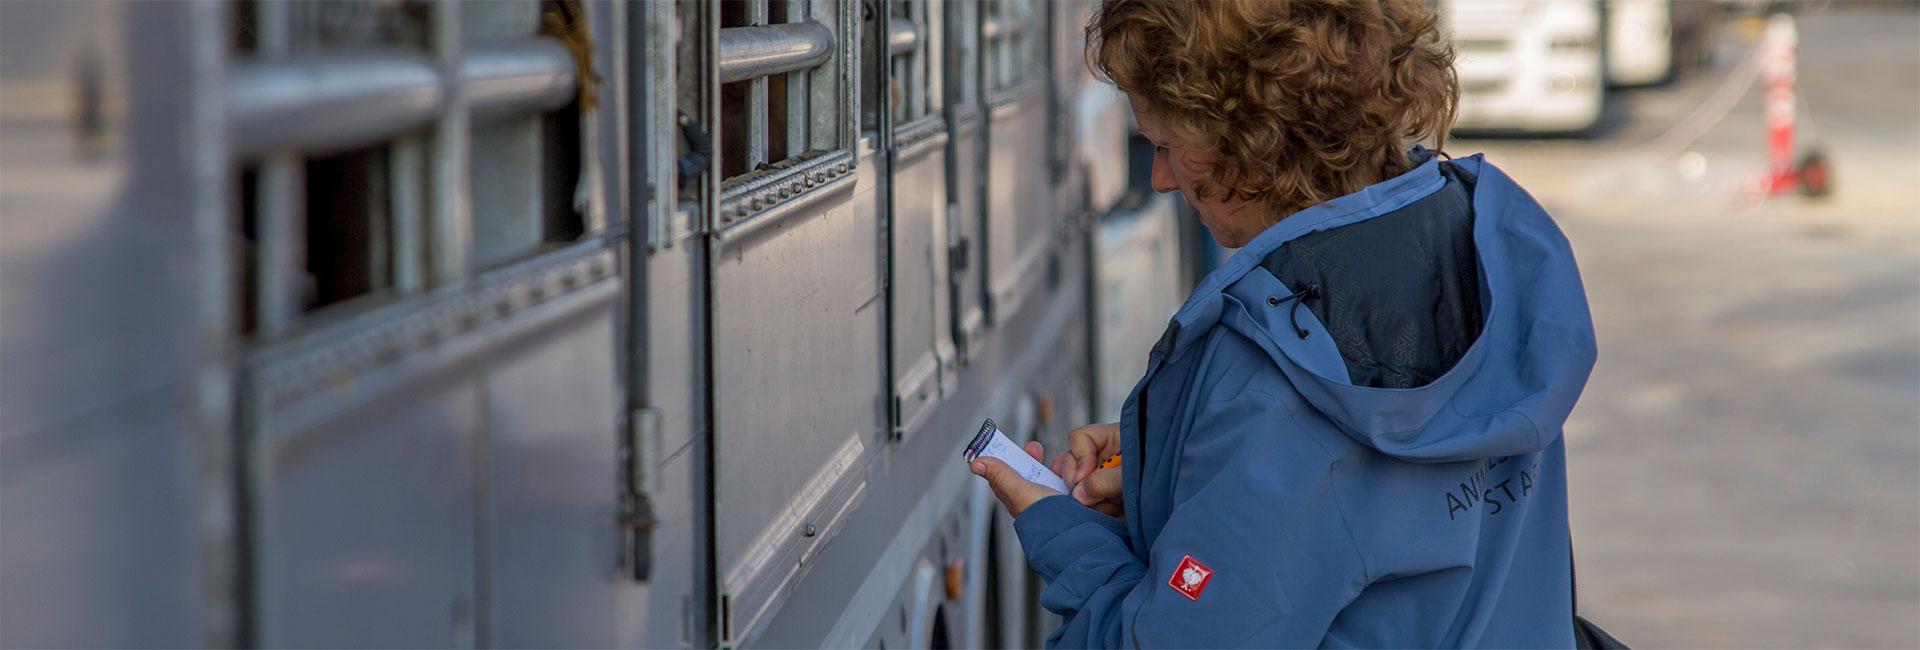 Animals' Angels MItarbeiterin Julia dokumentiert die Zustände in einem Tiertransporter